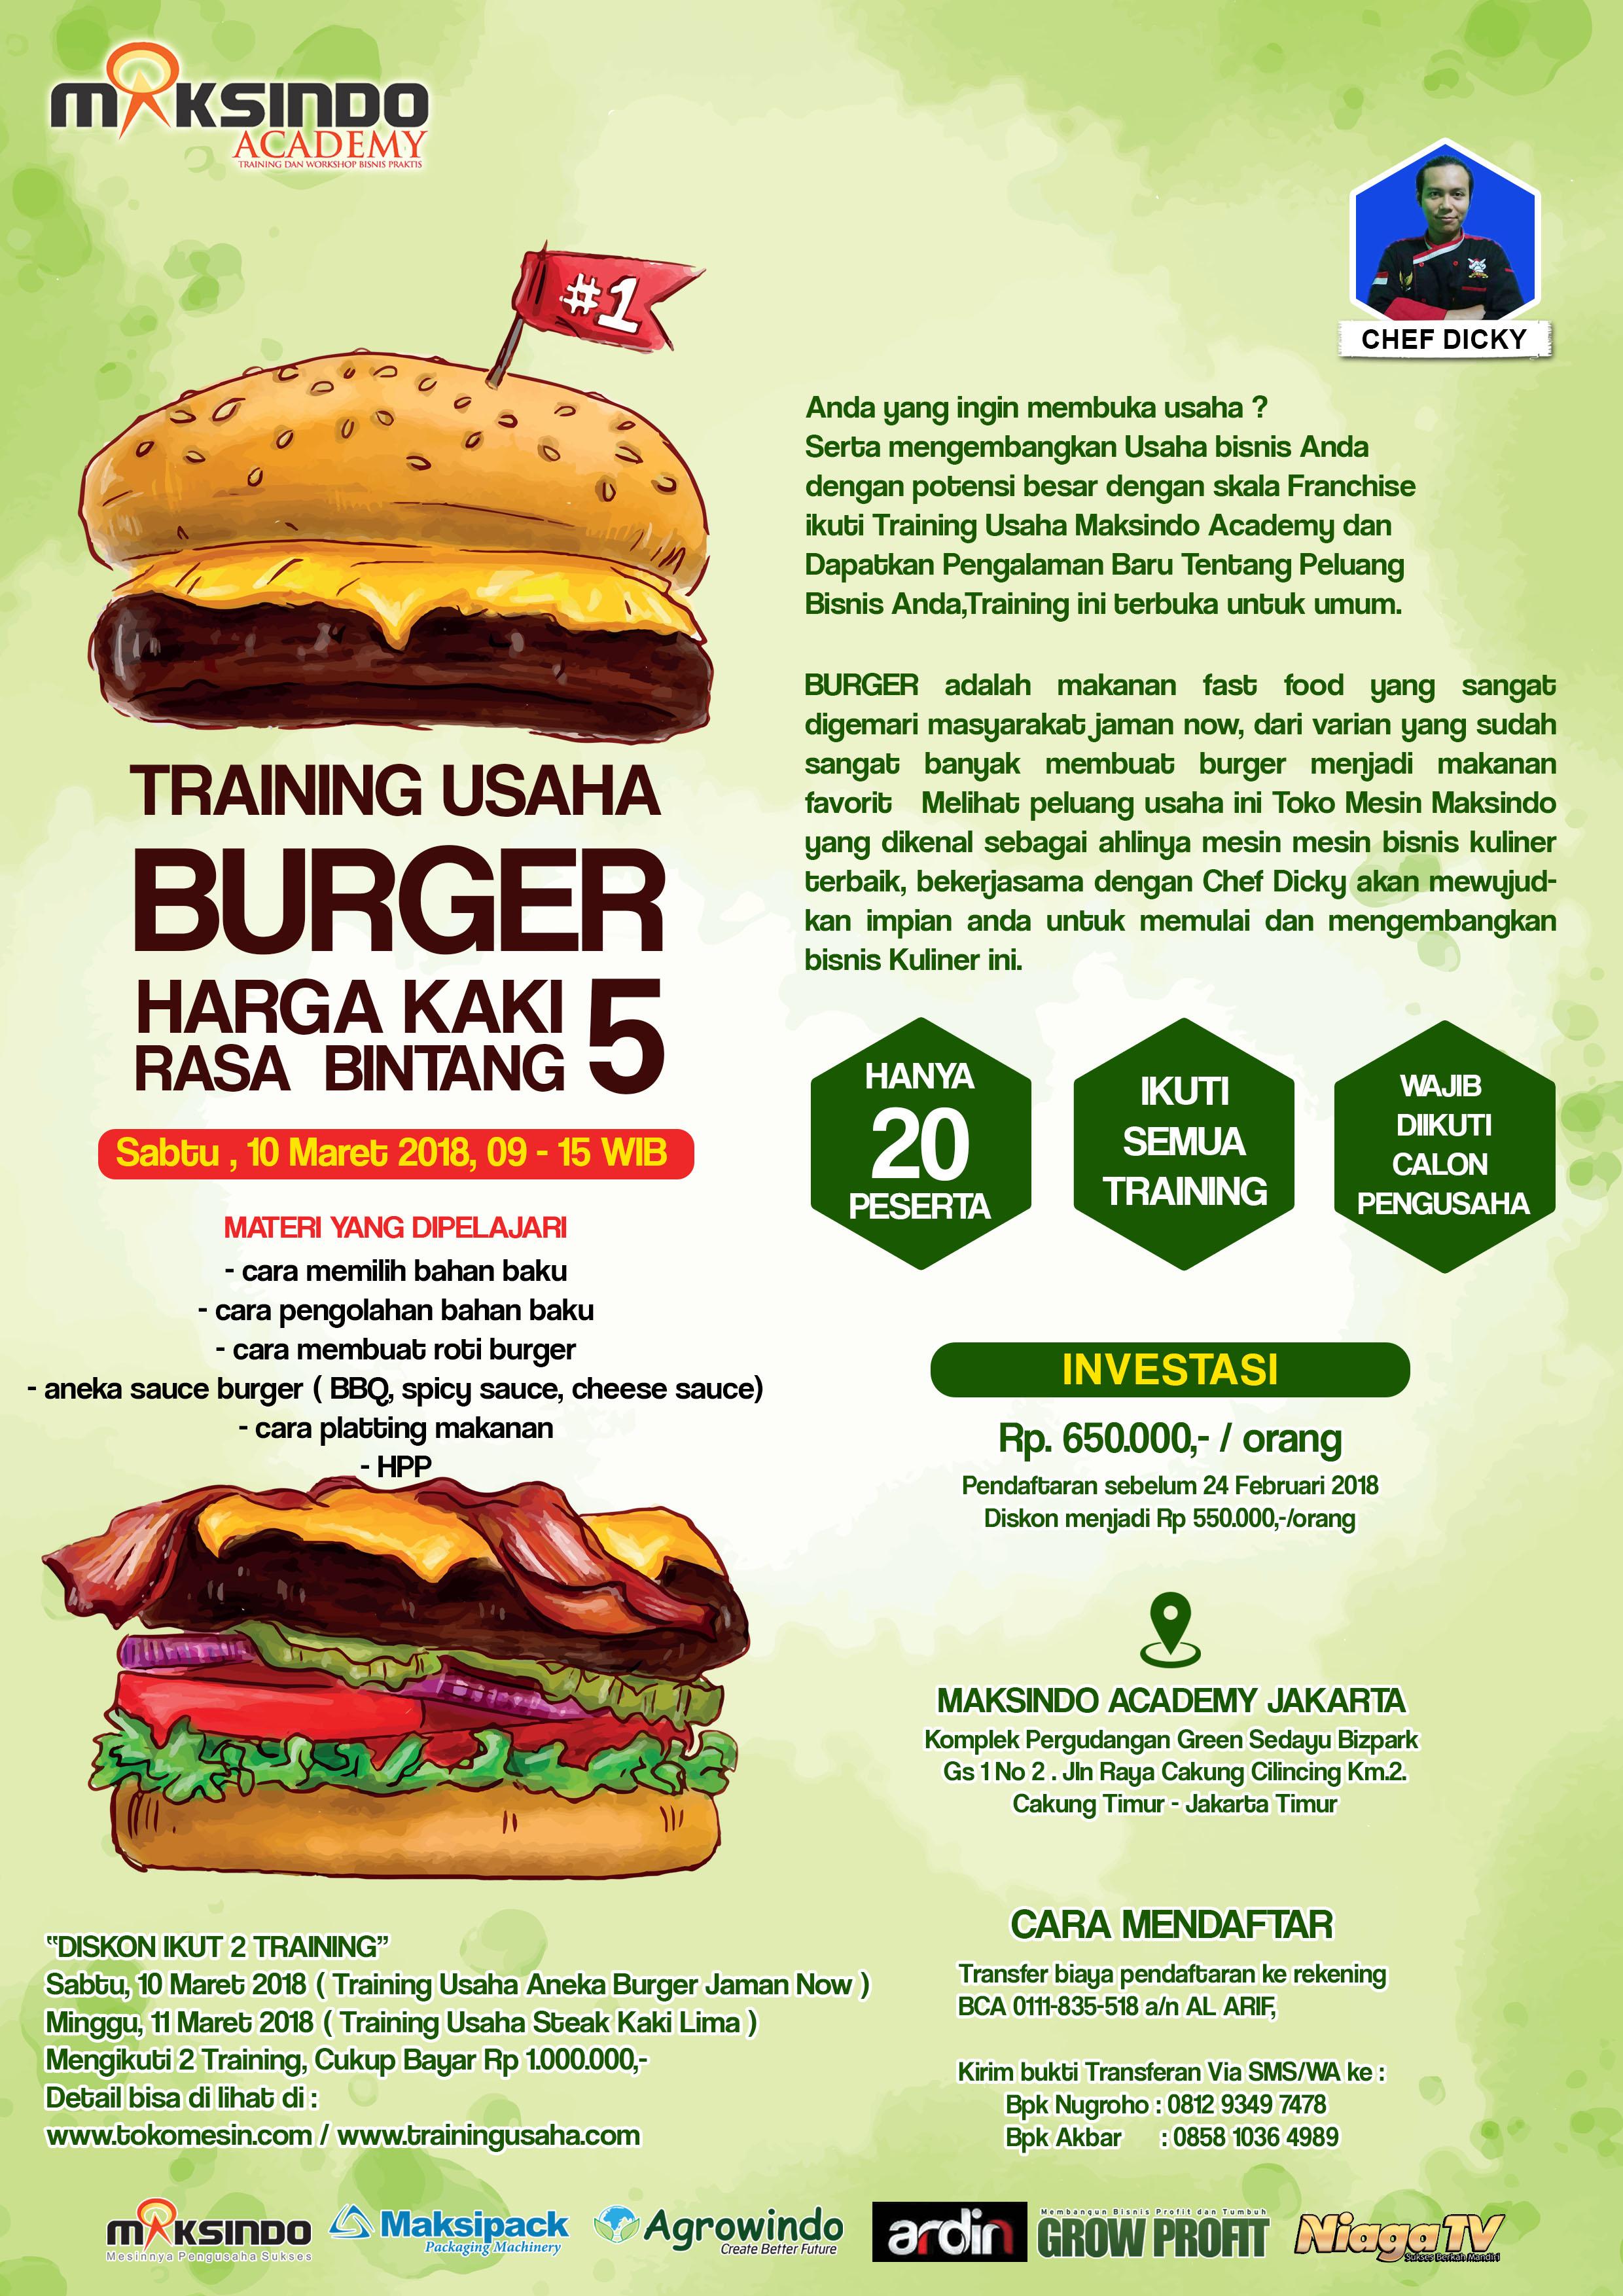 Training Usaha Burger 10 Maret 2018 Toko Mesin Maksindo